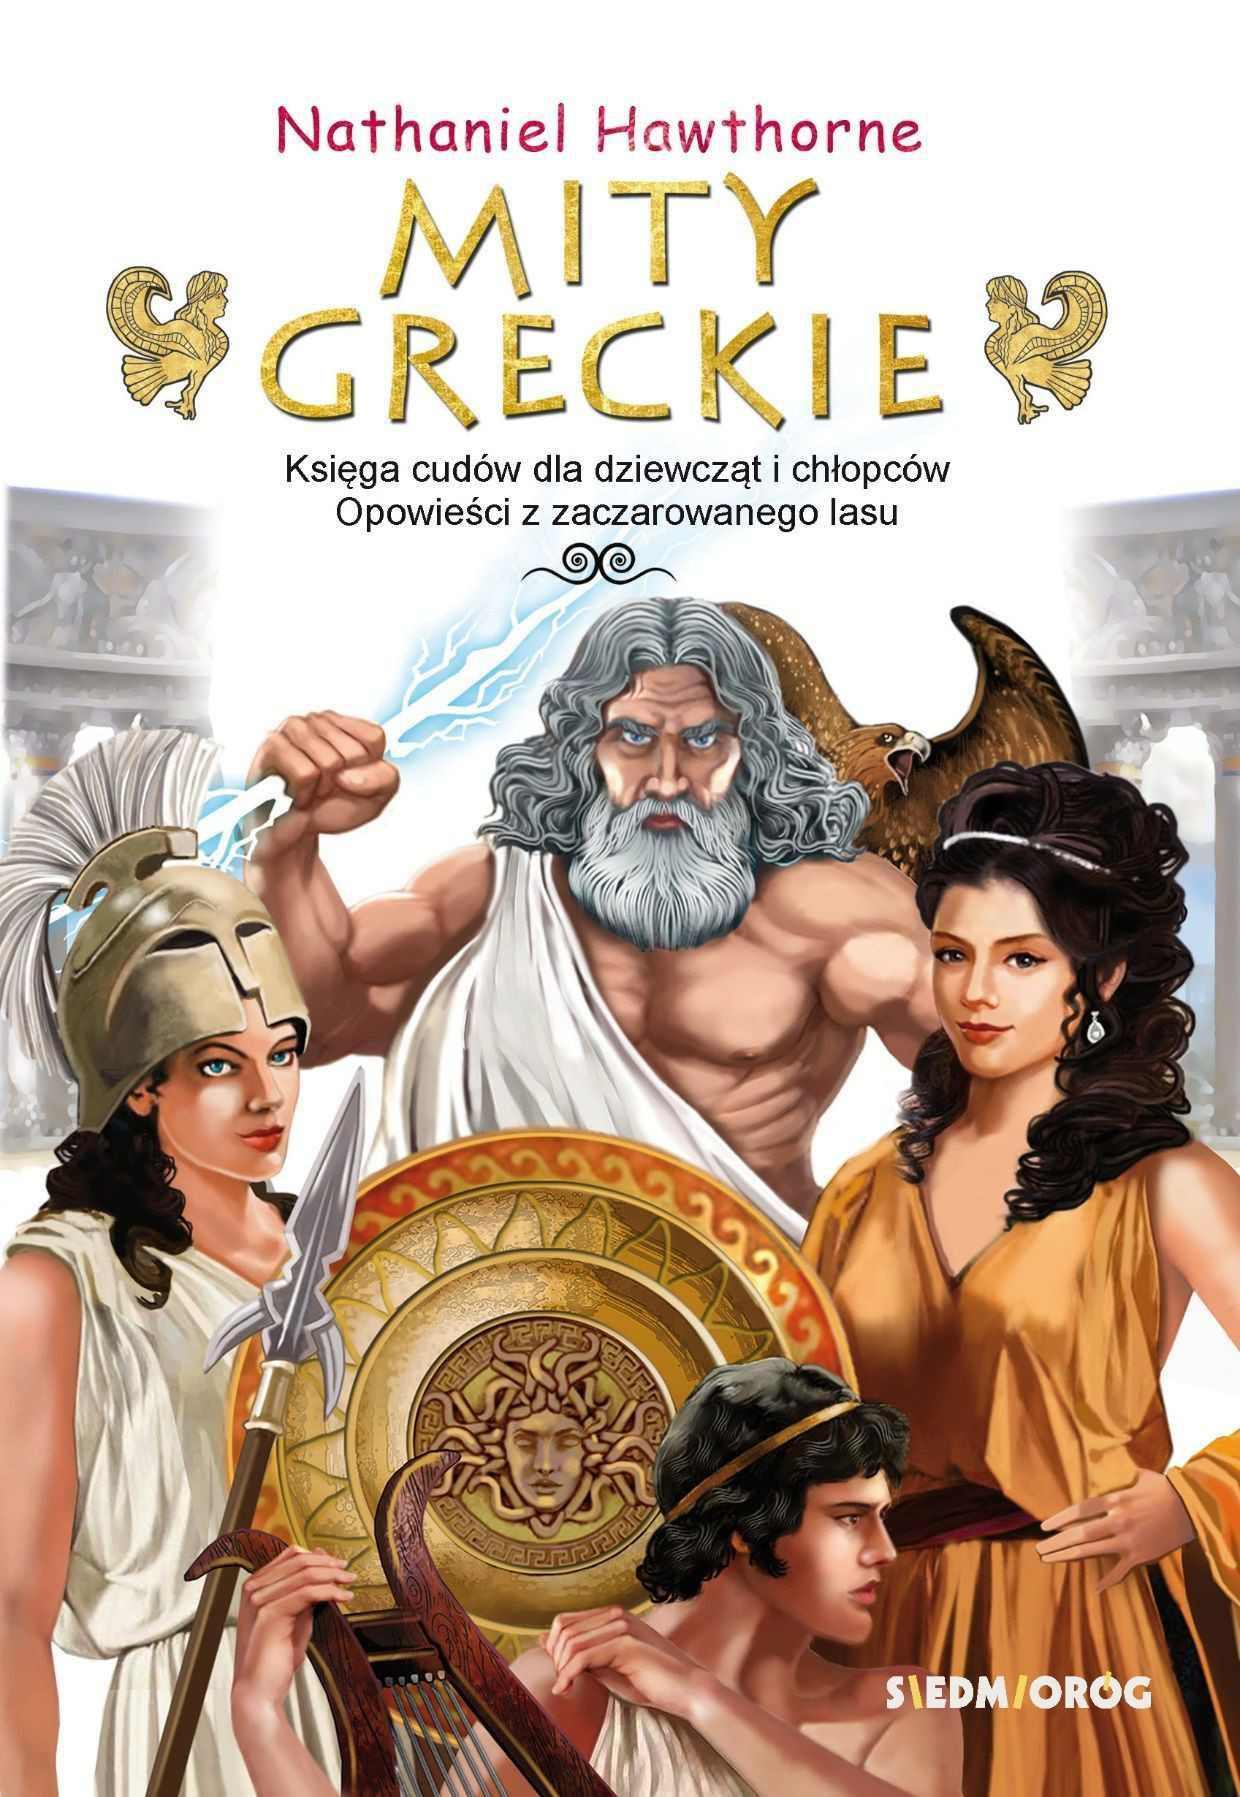 Mity greckie Księga cudów i Opowieści z zaczarowanego lasu - Ebook (Książka EPUB) do pobrania w formacie EPUB